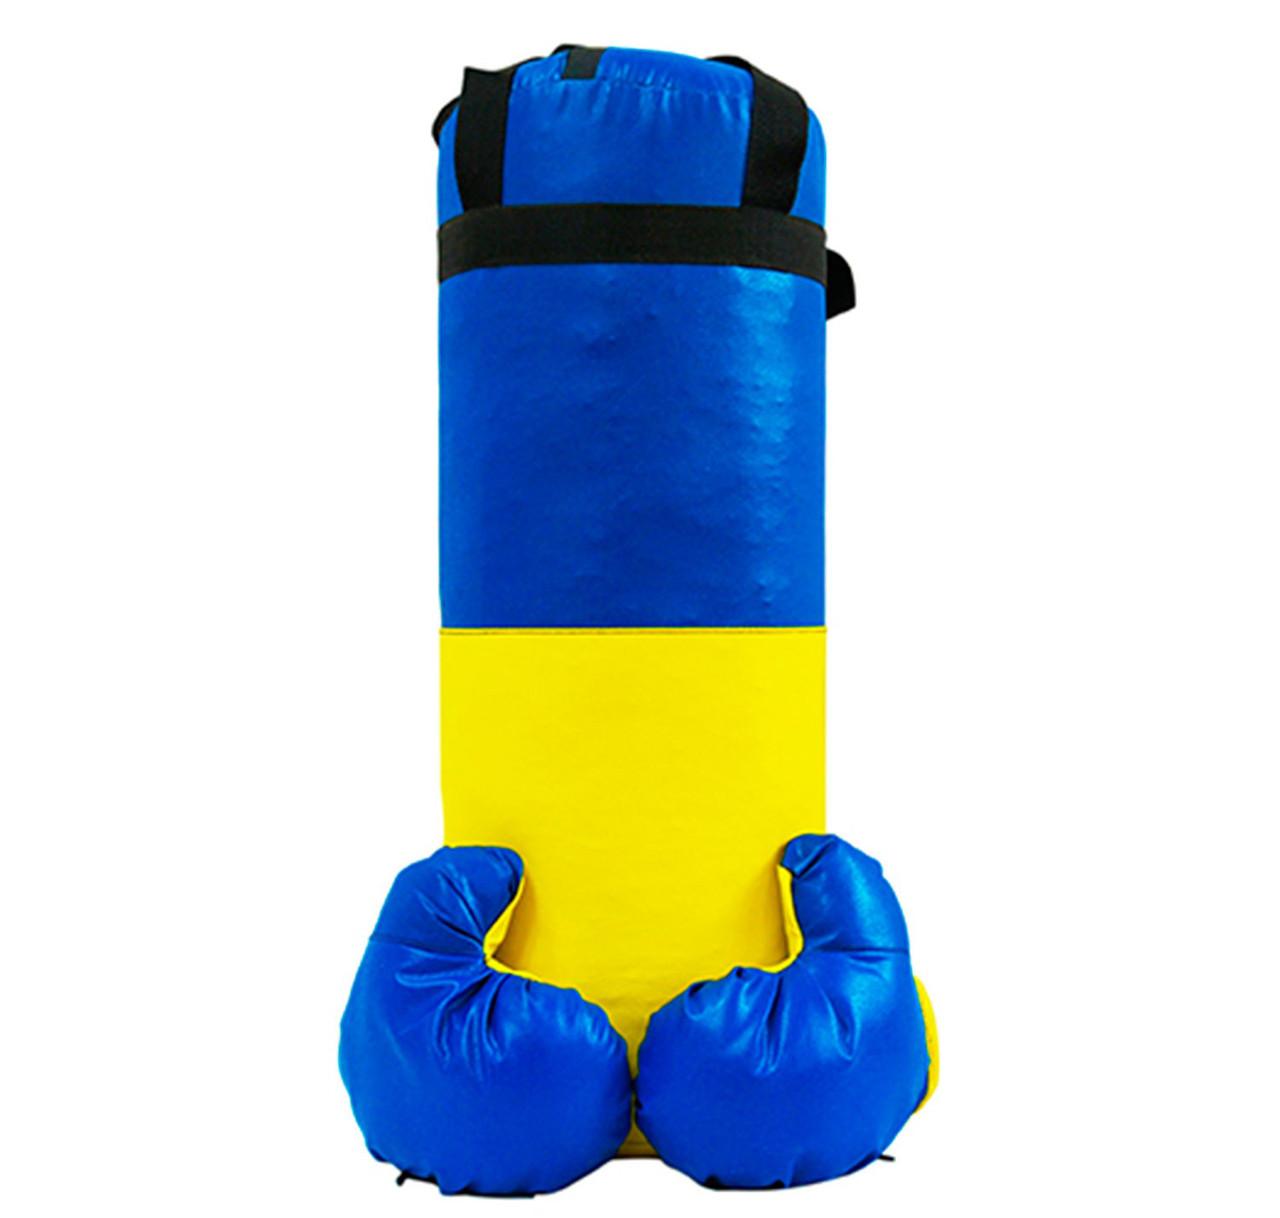 Боксерский набор средний для детей от 5 лет. Детский набор для бокса: боксерская груша (мешок) и перчатки.